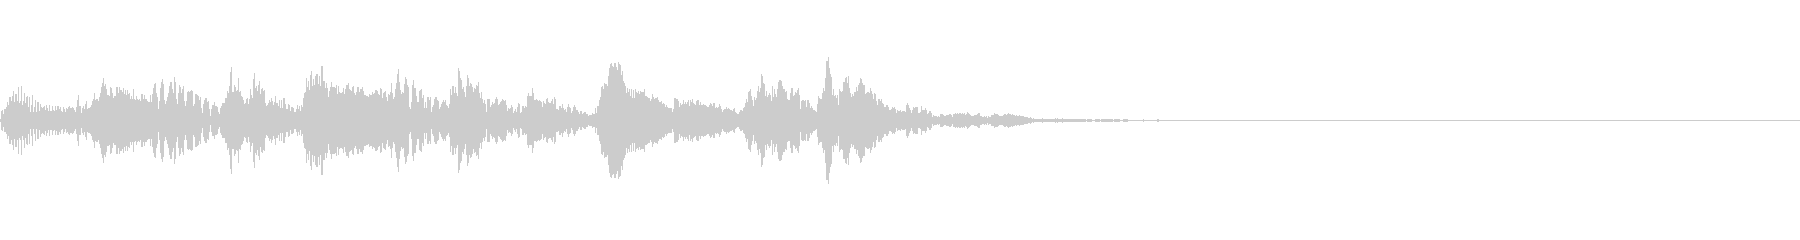 ステータス、レベルアップ音 ピチカートの未再生の波形